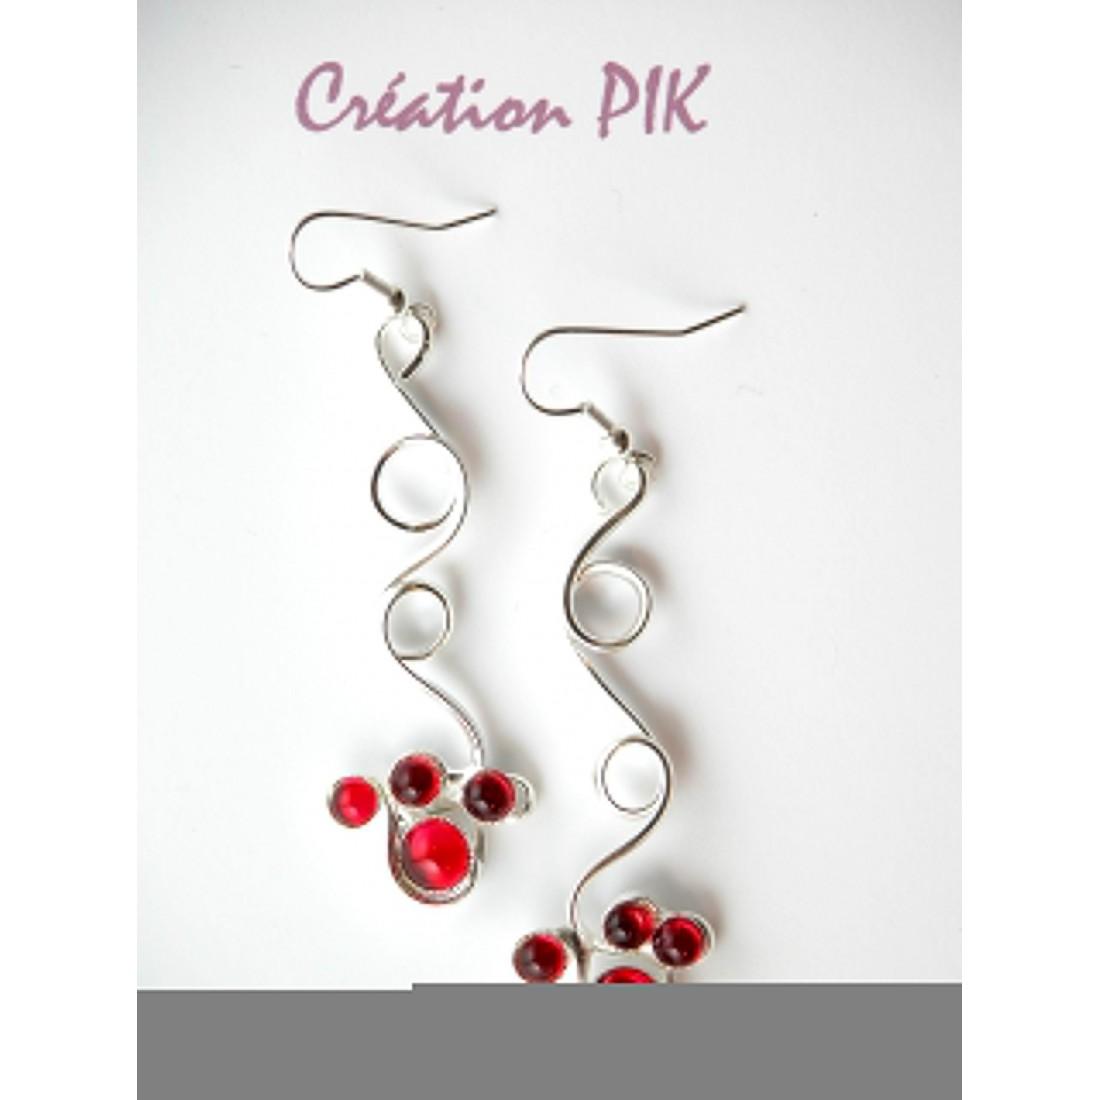 Boucles d'oreilles rouges-bijoux fantaisie de créateur Atelier PIK